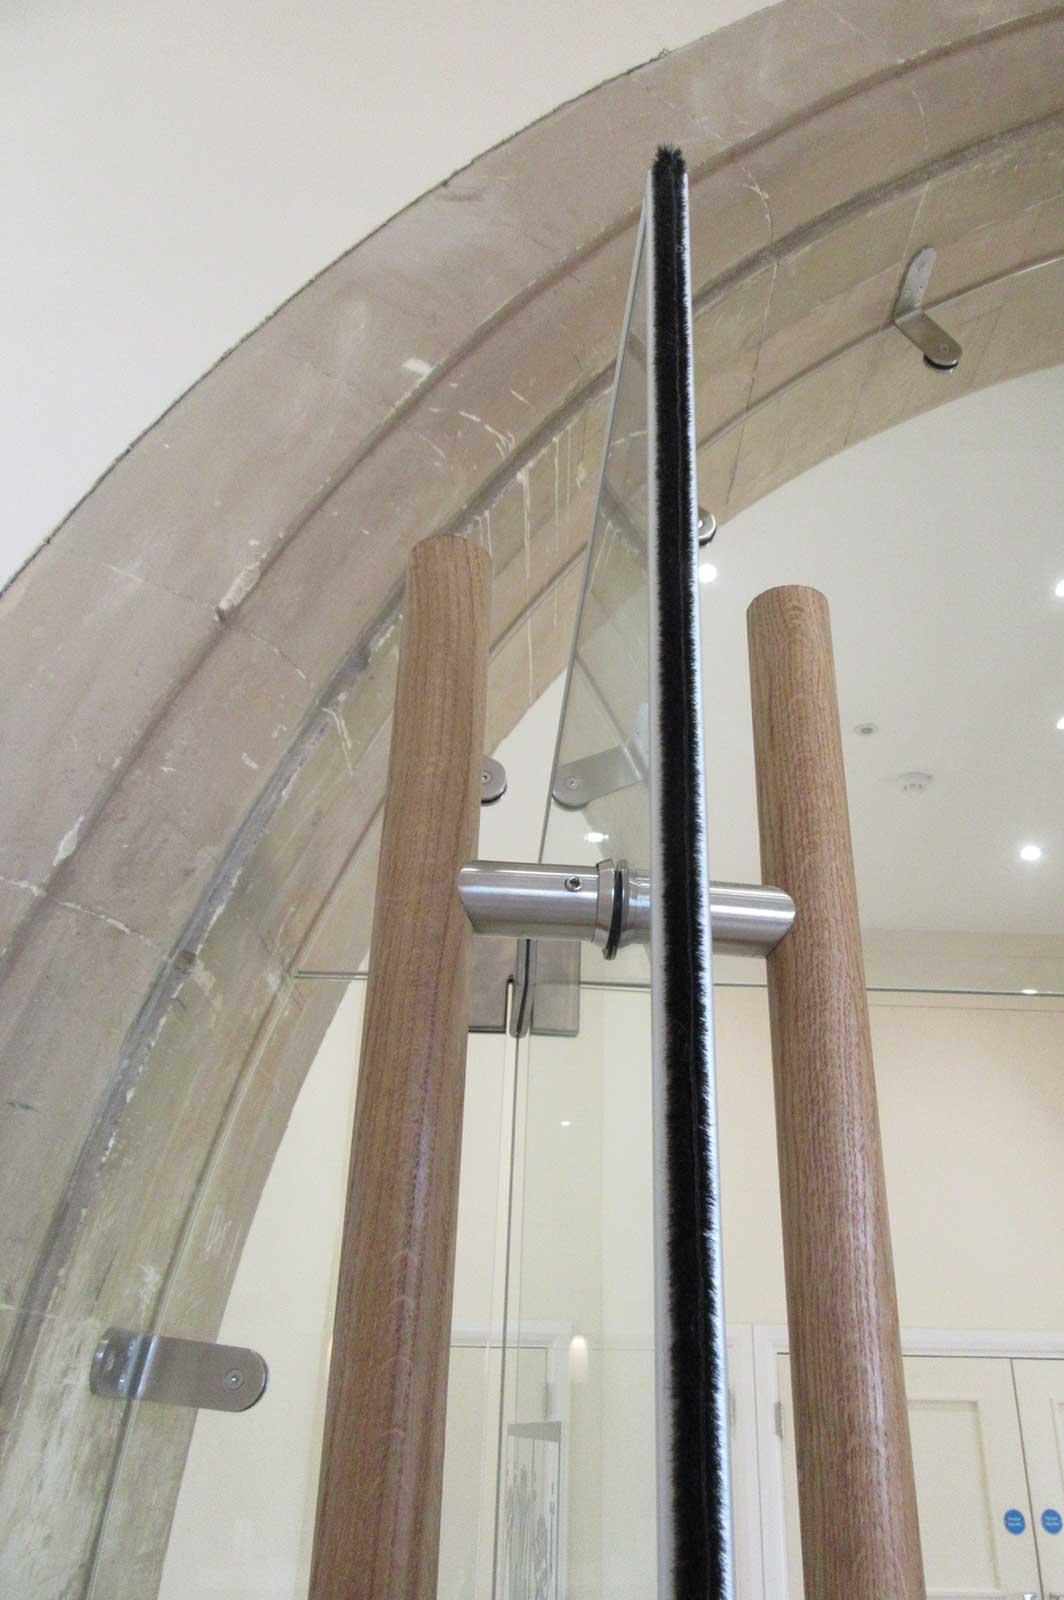 Bespoke Frameless Glass Doors for Heritage Interior